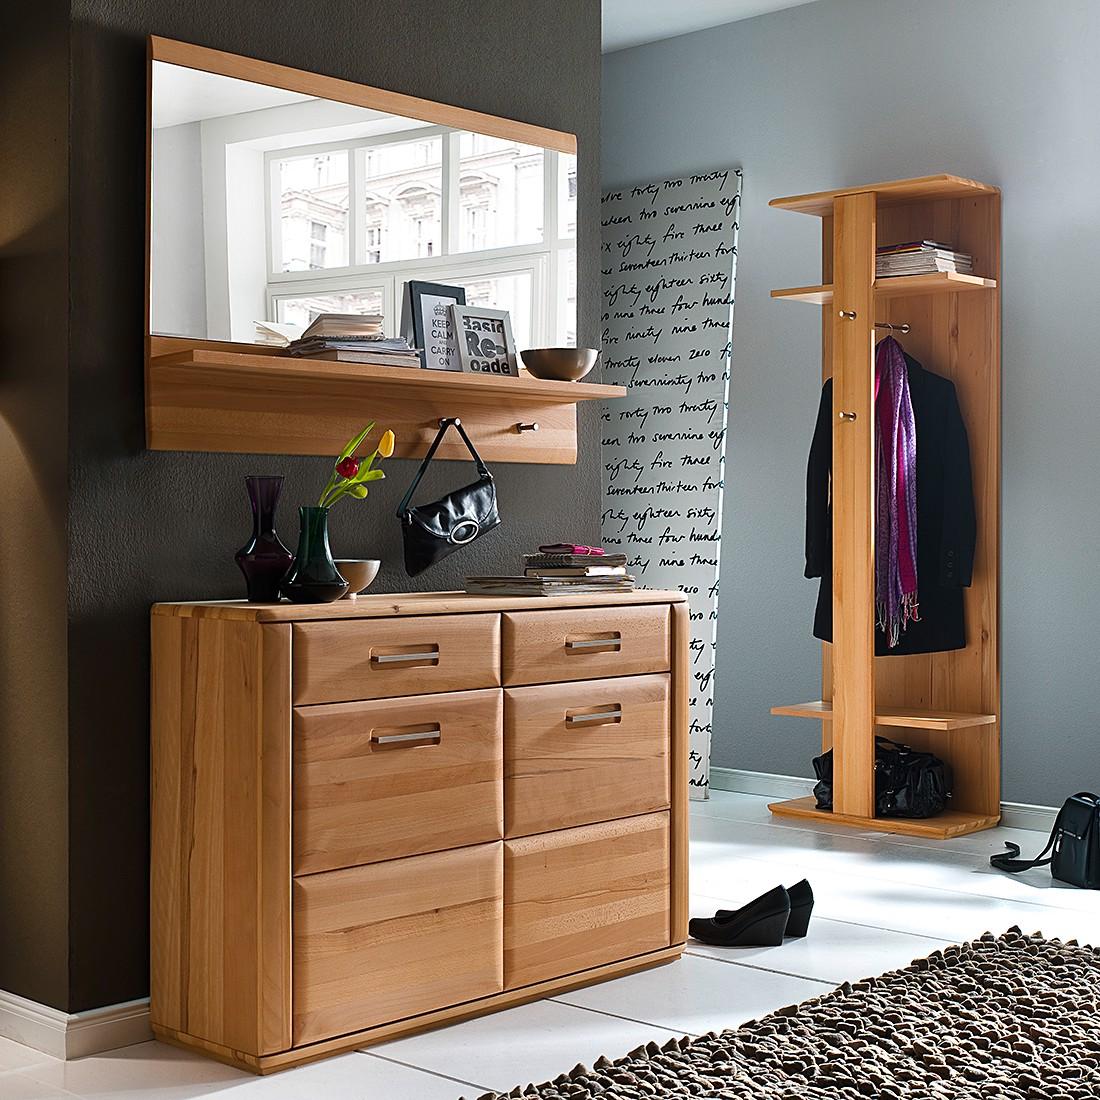 garderobenset pontas ii 5 teilig l rche dekor. Black Bedroom Furniture Sets. Home Design Ideas